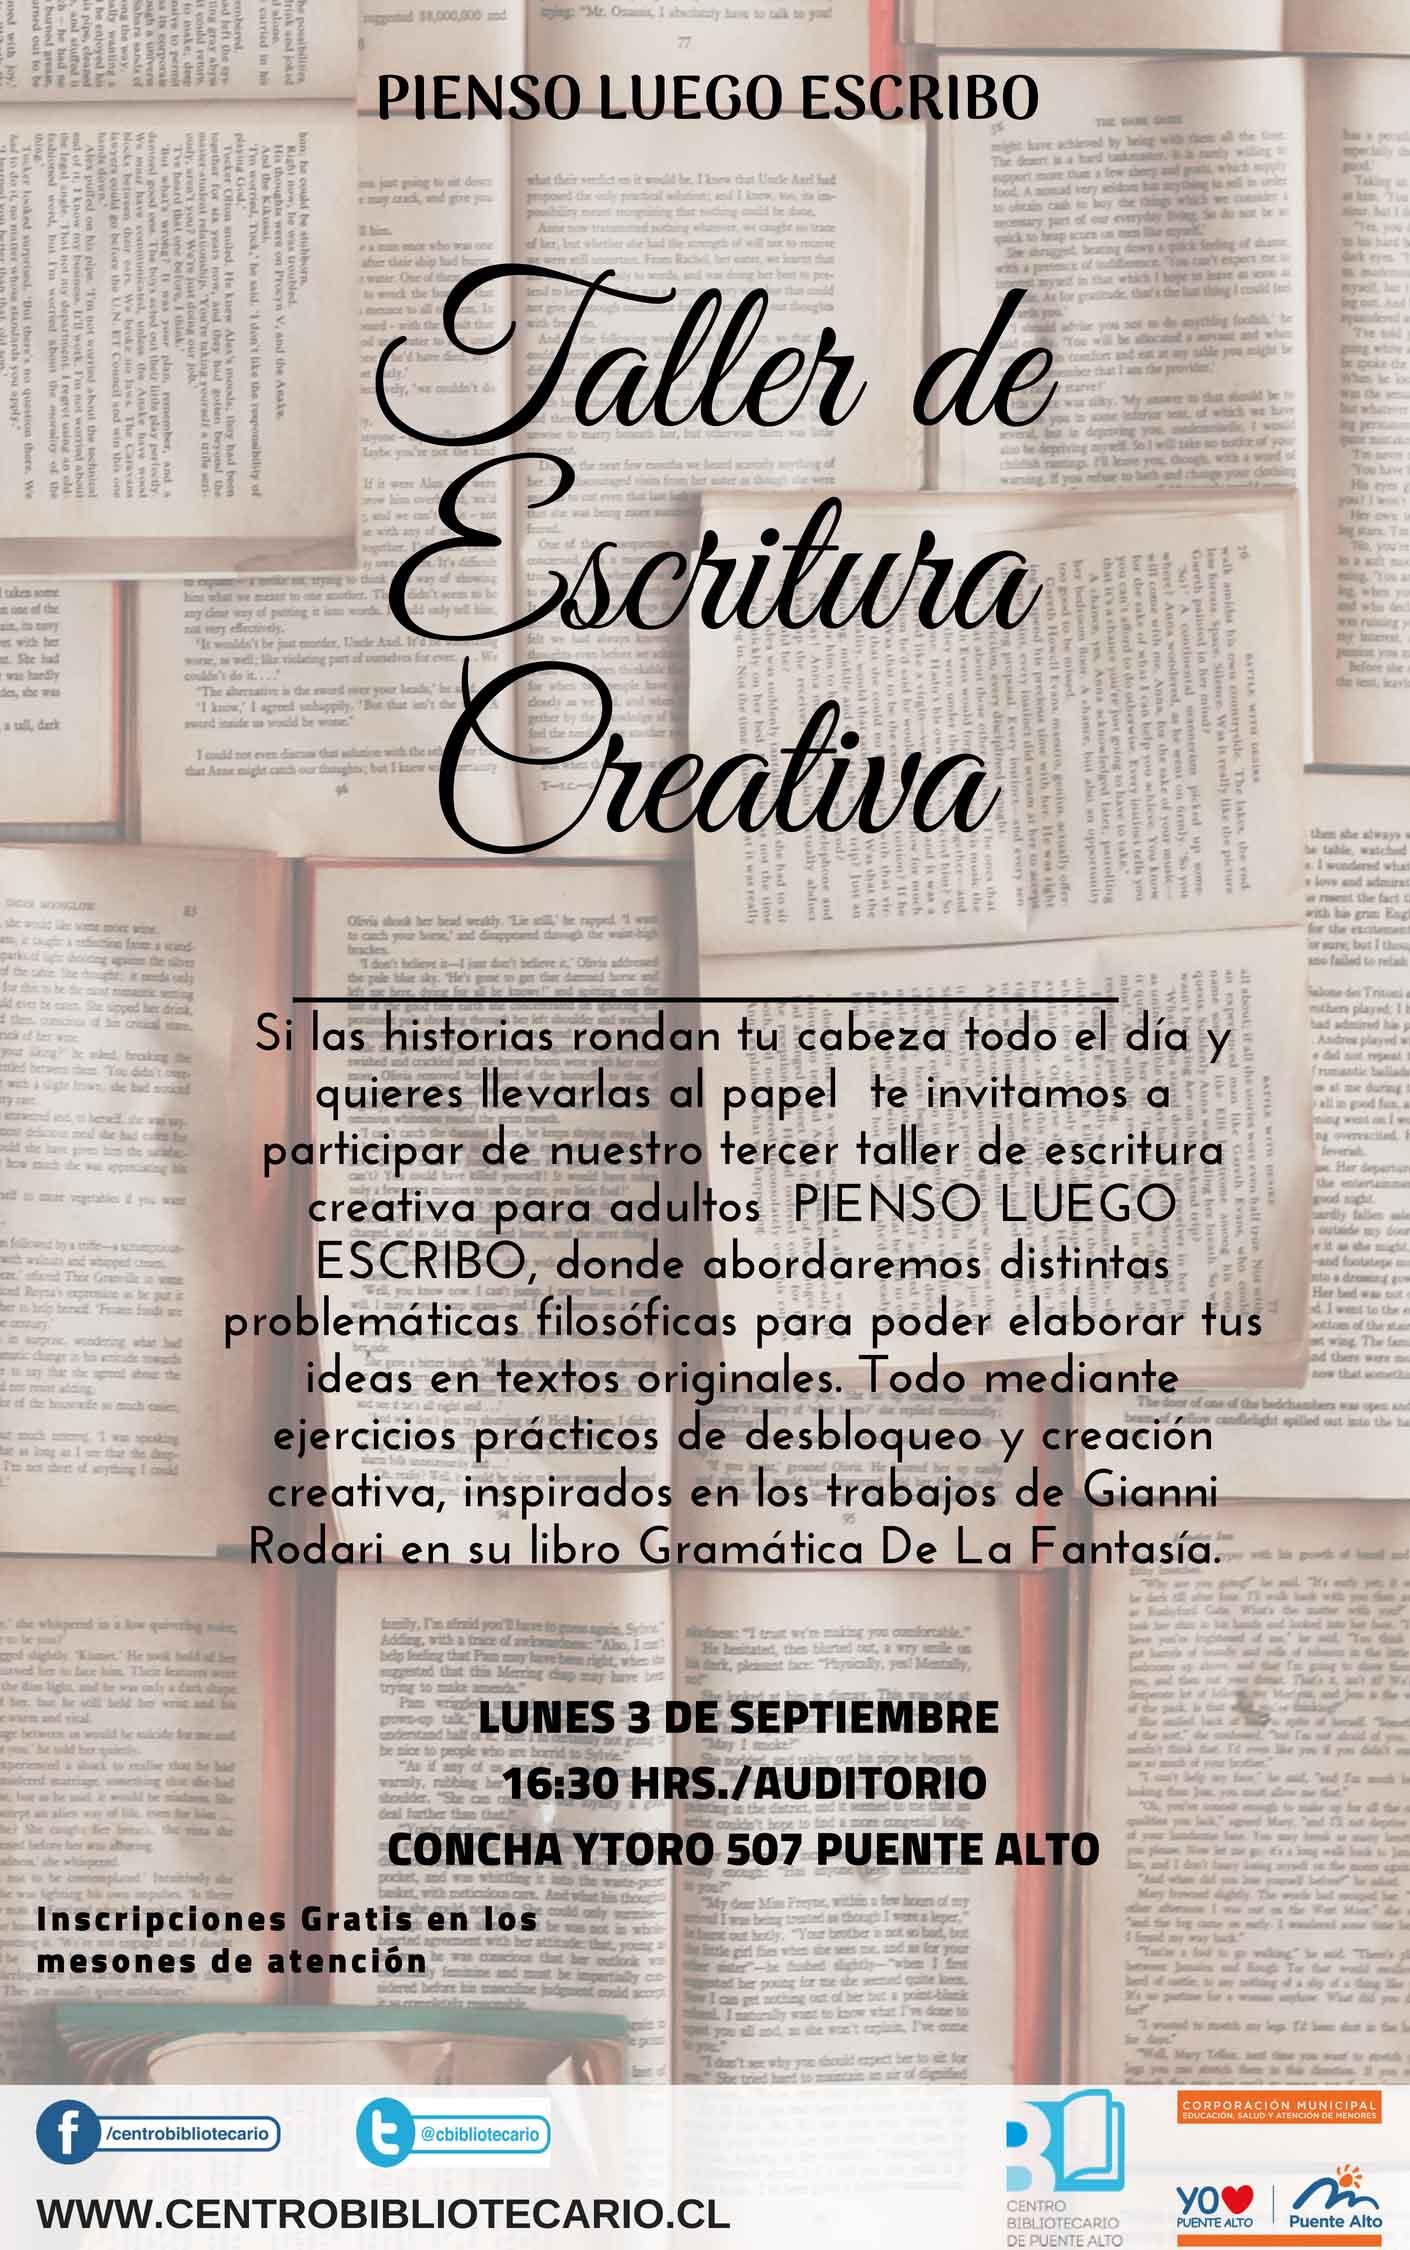 Taller de Escritura Creativa (1)